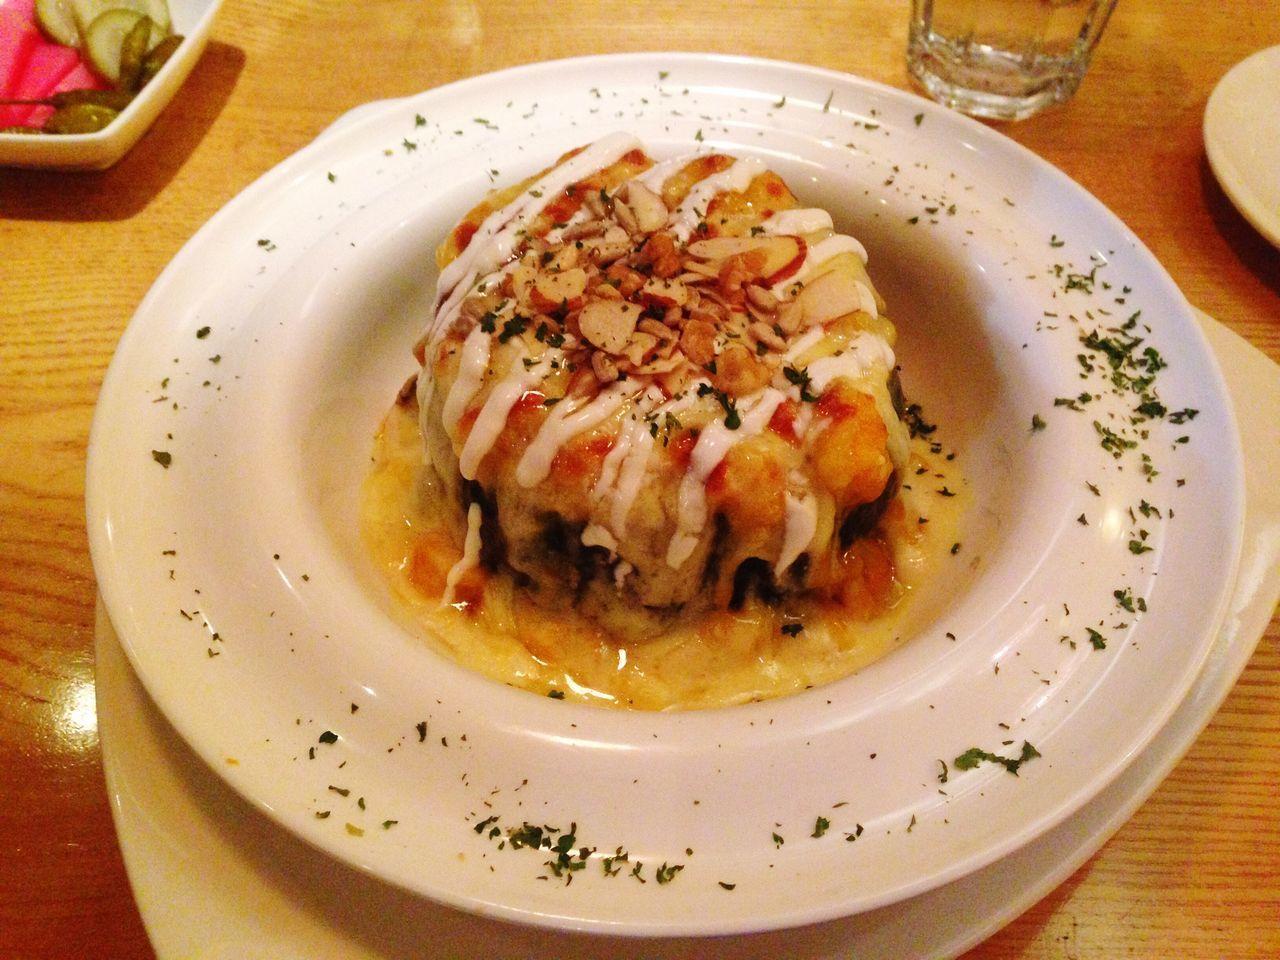 Pumpkin rice Food Plate Ready-to-eat Freshness Pumpkin